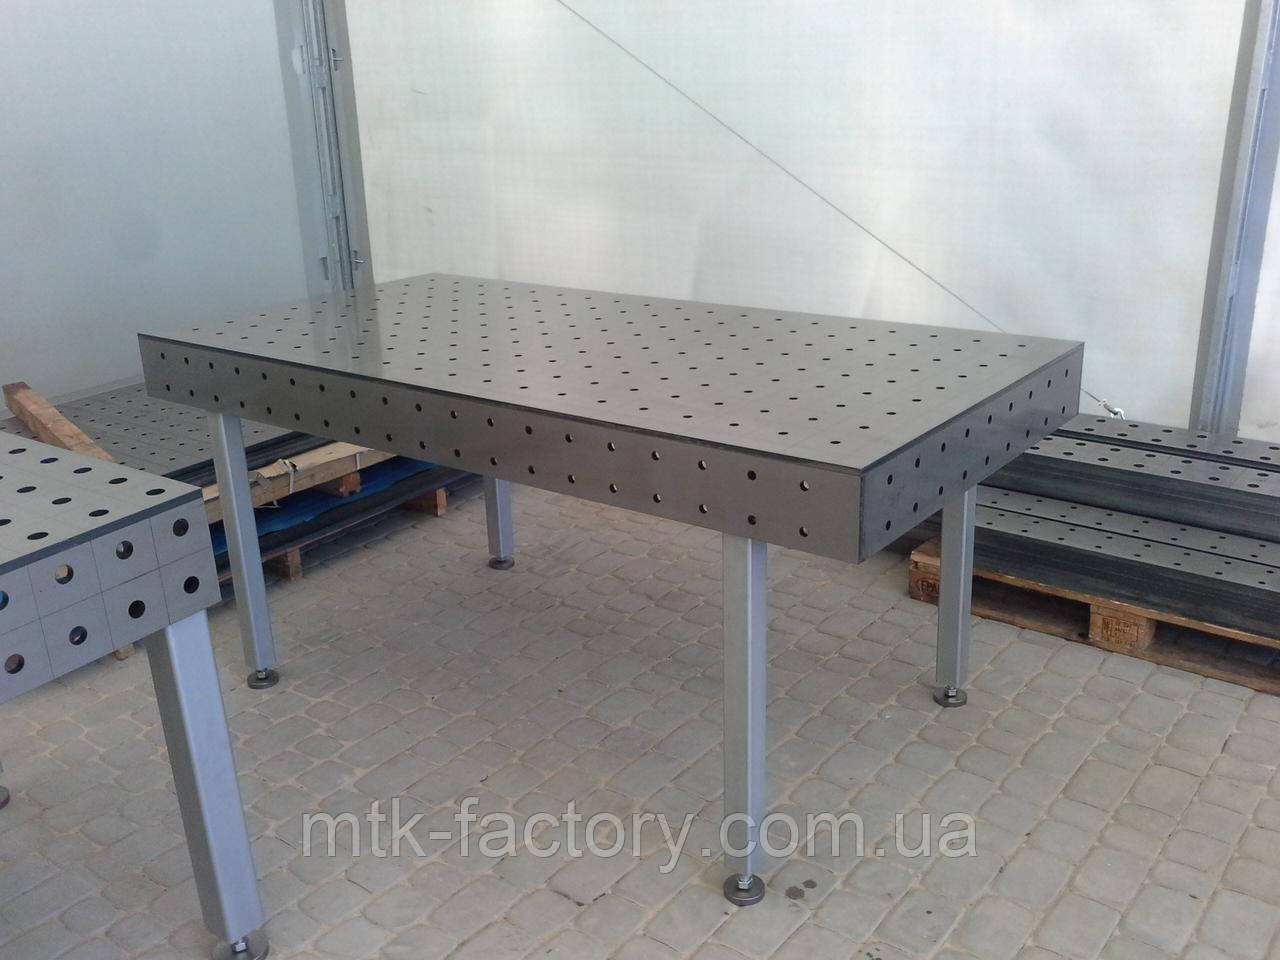 Стіл для зварювання MTK S16/100 2000х1200 (12мм)